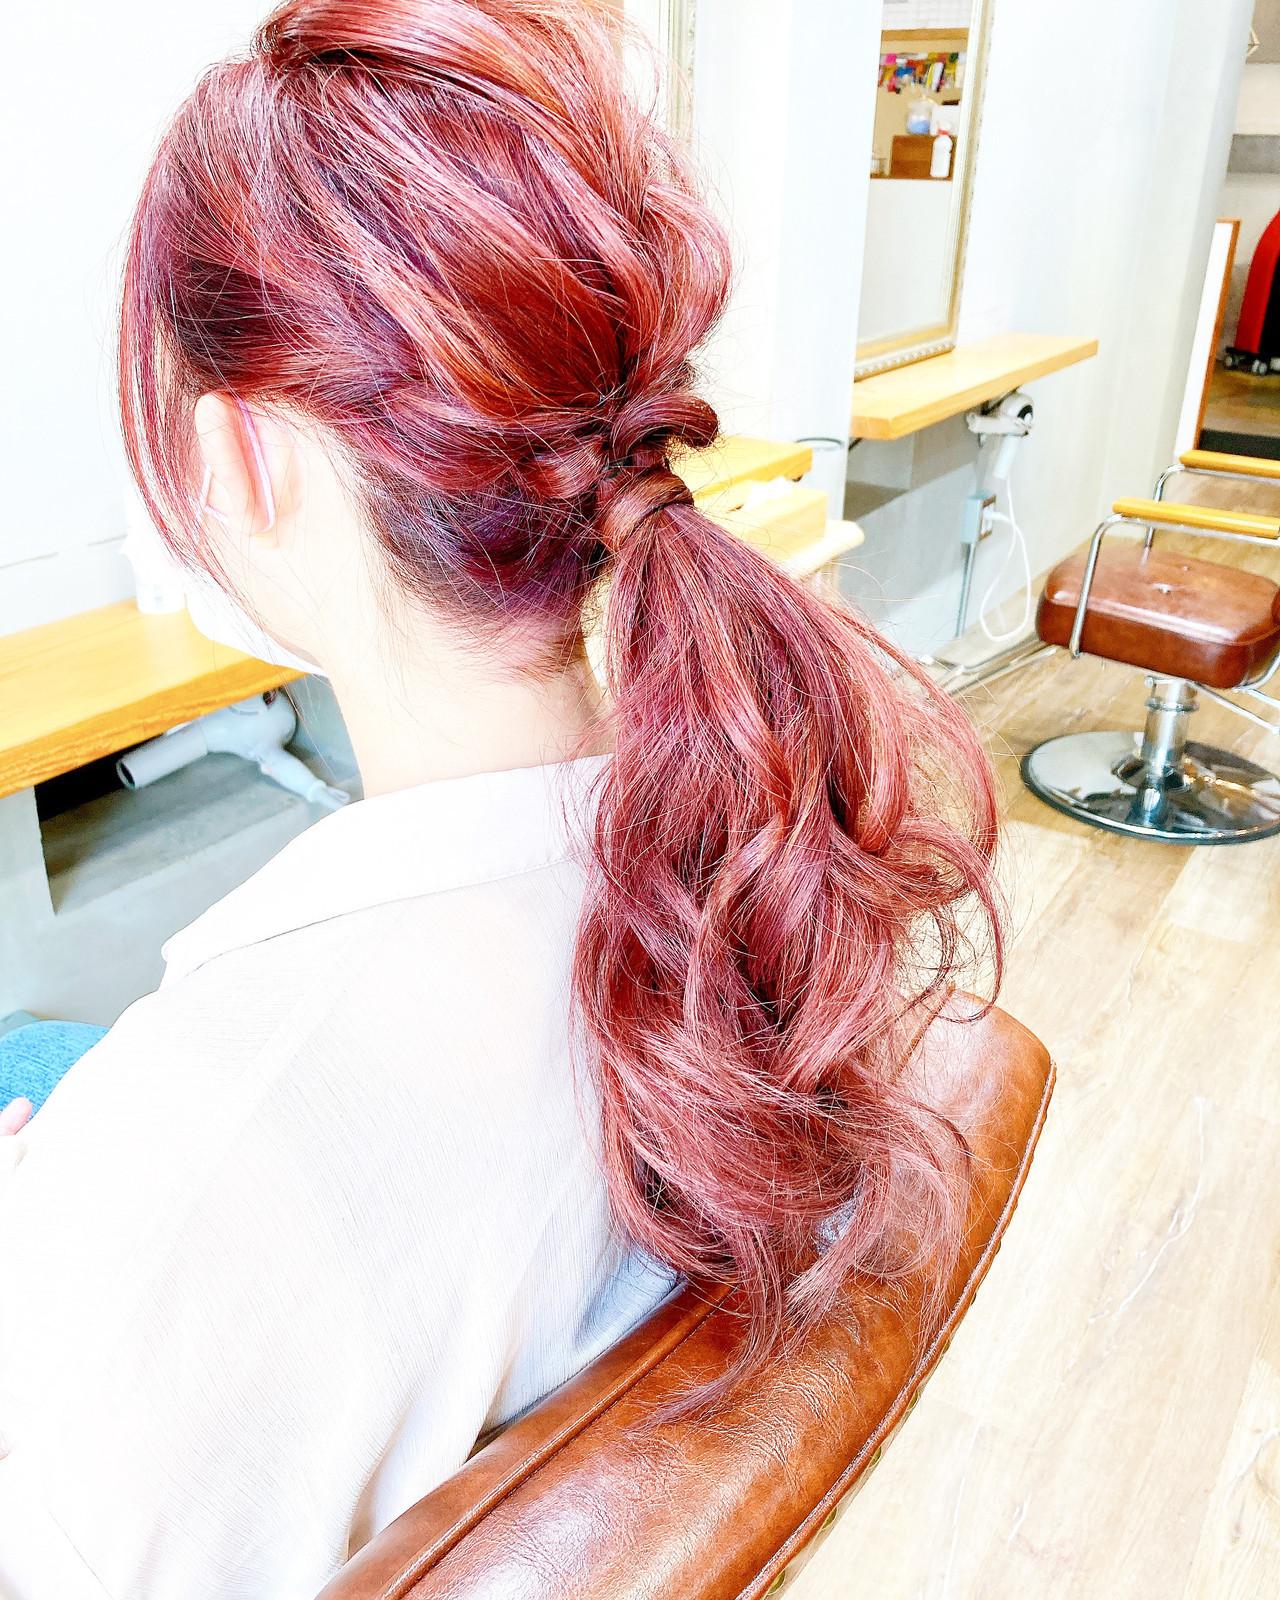 ナチュラル ラズベリーピンク セミロング オレンジベージュ ヘアスタイルや髪型の写真・画像